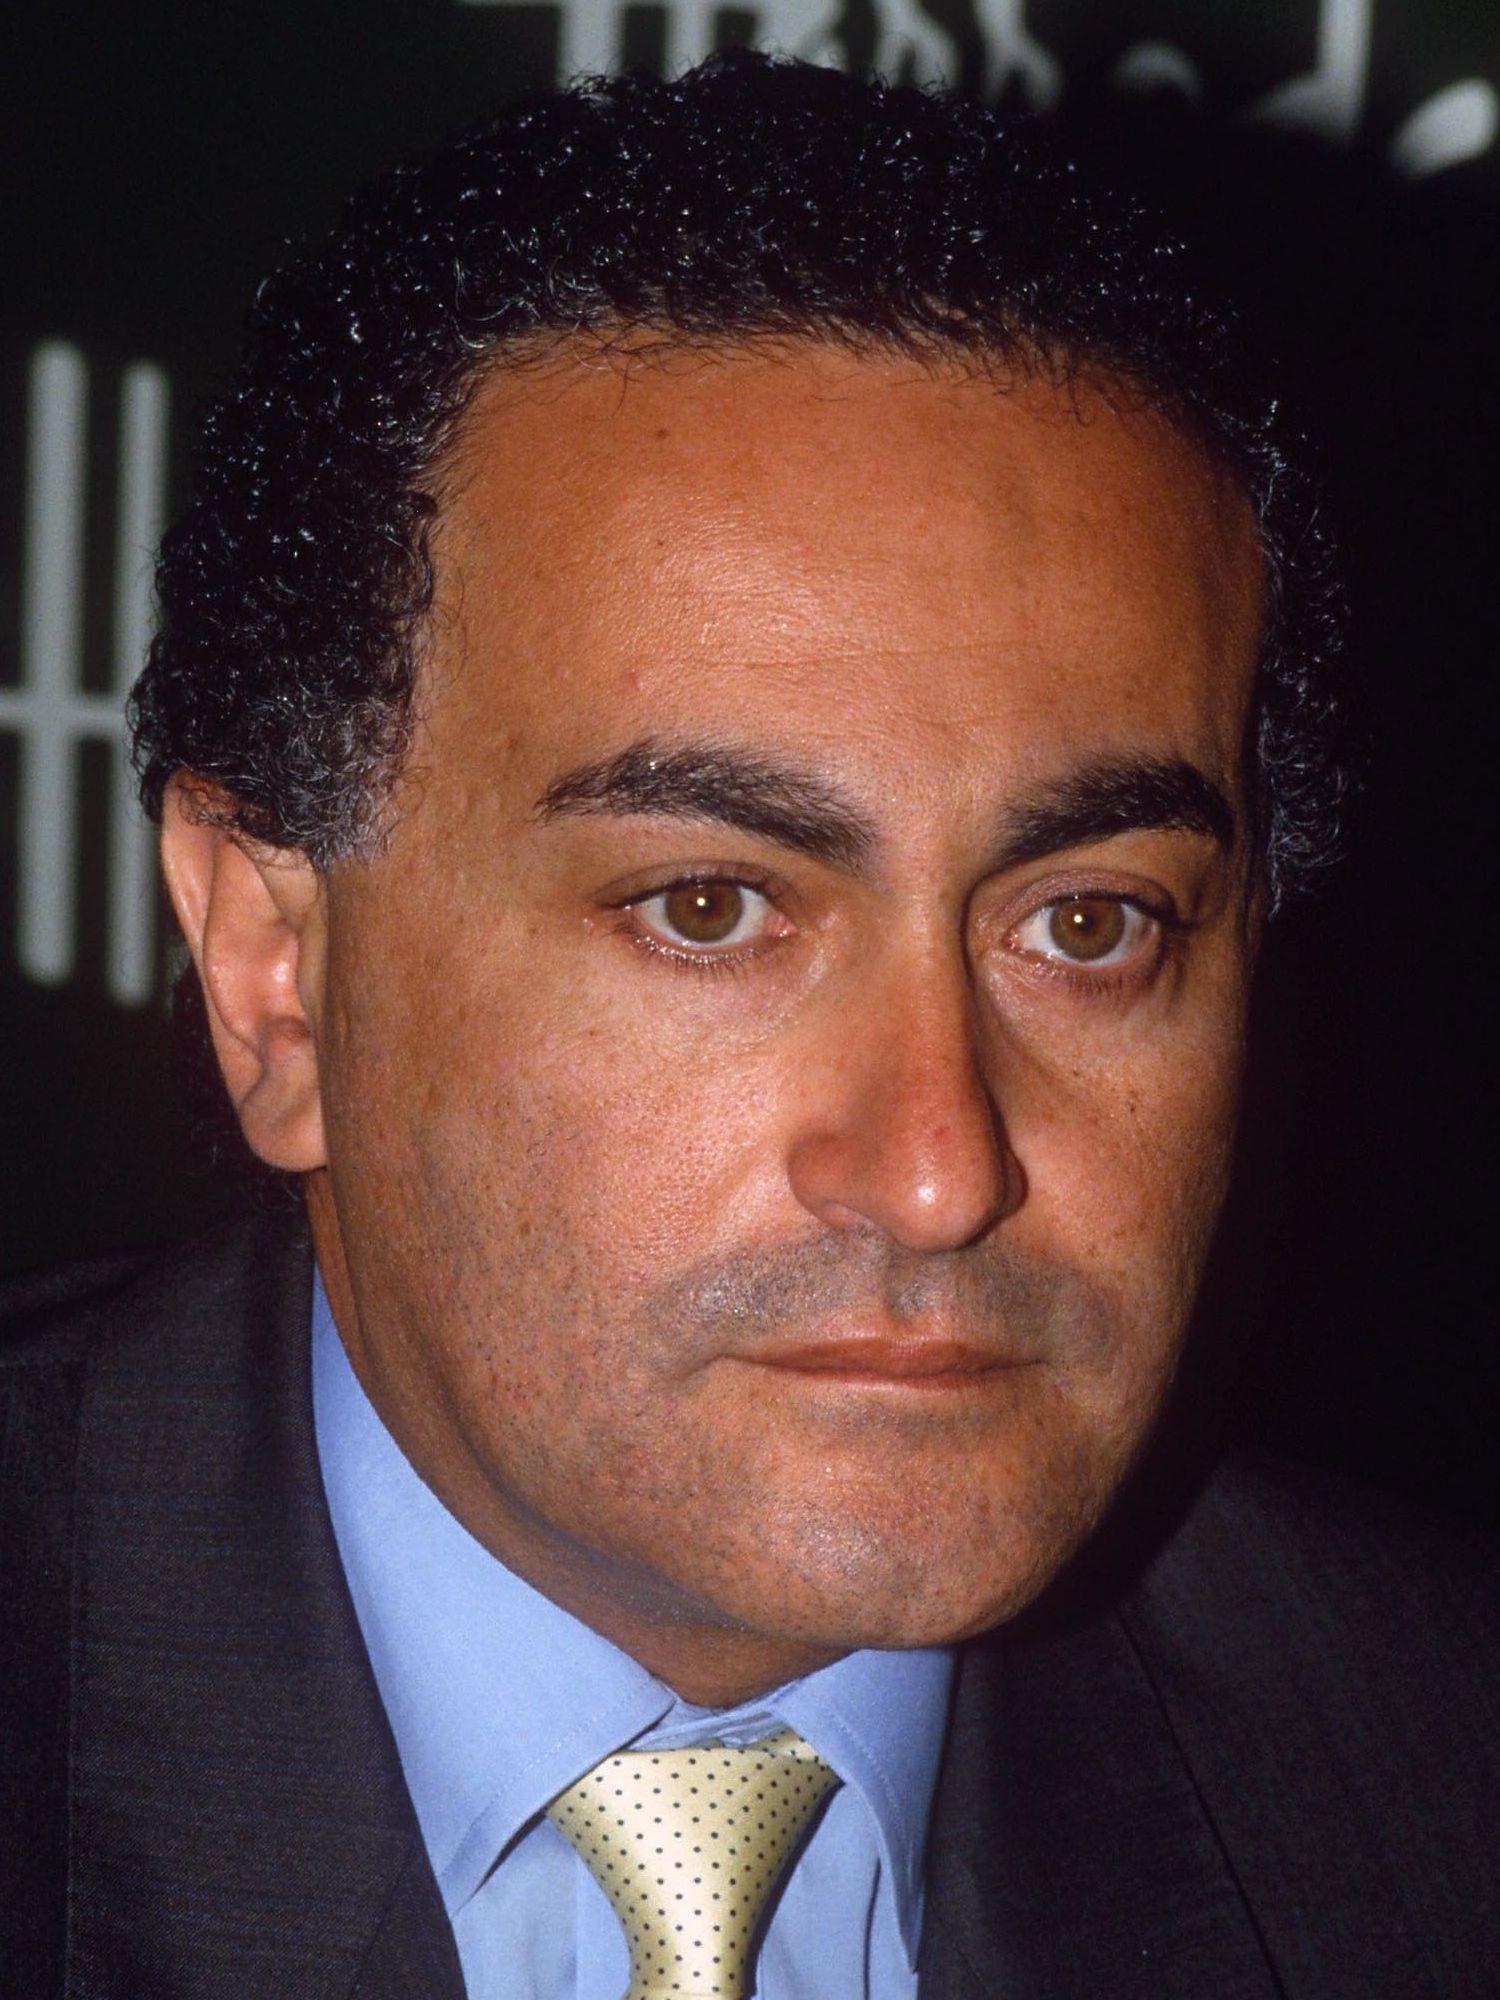 Stef Prescott (b. 1991) photo